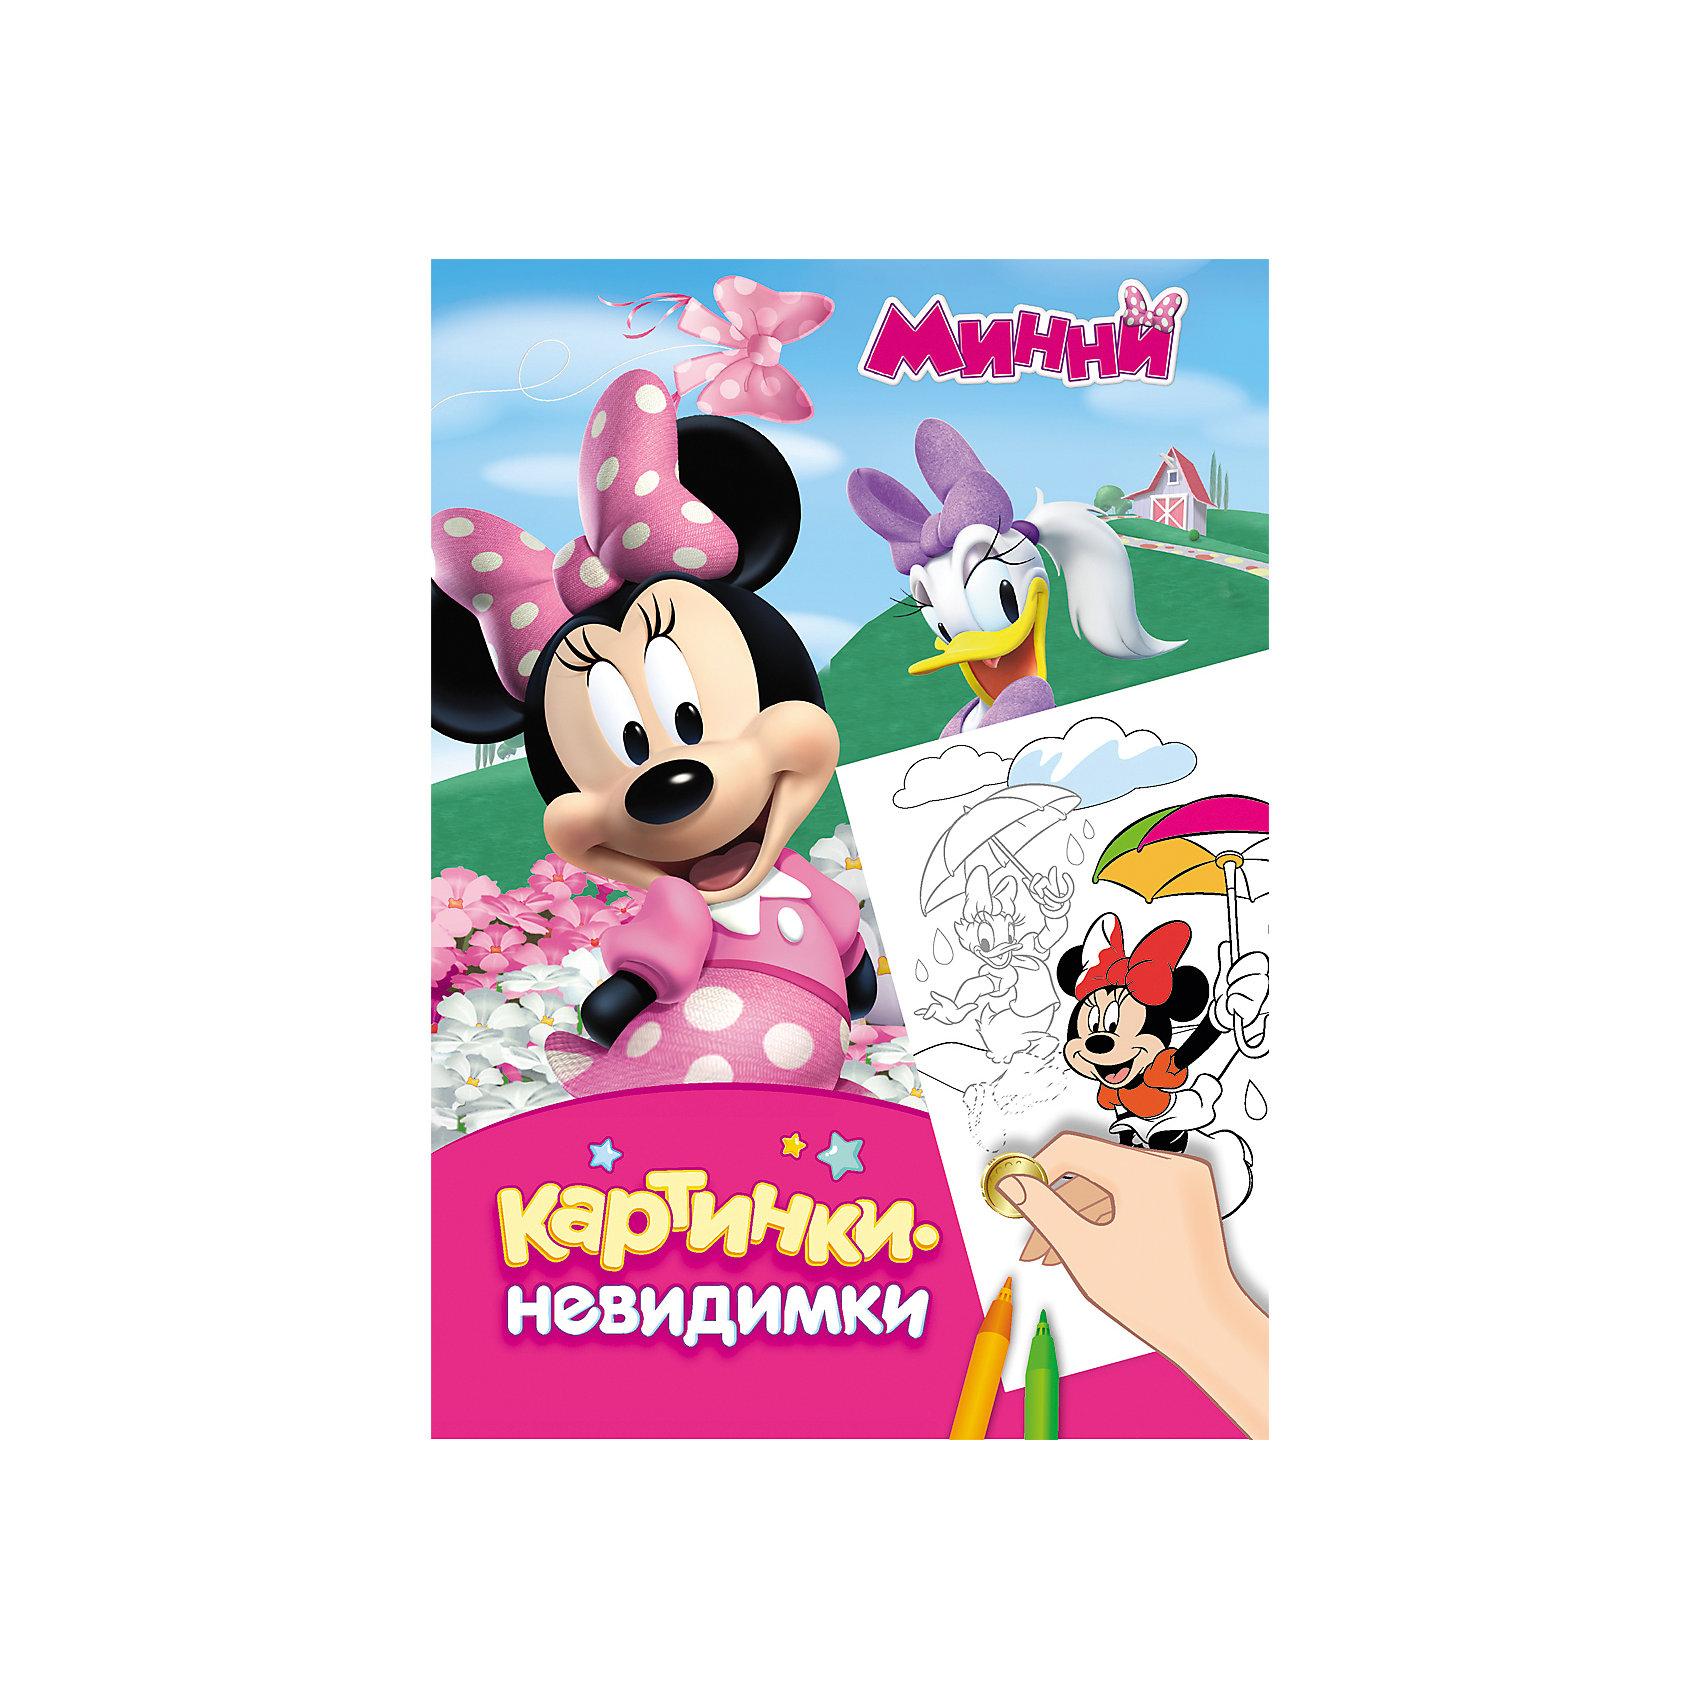 Картинки-невидимки Минни МаусУвлекательное издание для детского досуга Картинки-невидимки Минни Маус (Minnie Mouse) обязательно понравится Вашей девочке. На каждой страничке ее ждет приятный сюрприз - волшебные картинки, которые на первый взгляд не видны. Чтобы их увидеть надо потереть странички монеткой, проявившиеся рисунки с мышкой Минни и другими популярными героинями диснеевских мультфильмов можно раскрасить карандашами или фломастерами. Альбом развивает творческое мышление и воображение ребенка, тренируют мелкую моторику рук. <br><br>Дополнительная информация:<br><br>- Серия: Картинки-невидимки. <br>- Переплет: мягкая обложка.<br>- Иллюстрации: черно-белые.<br>- Объем: 16 стр.<br>- Размер: 24 х 16 см.<br>- Вес: 52 гр.<br><br>Картинки-невидимки Минни Маус (Minnie Mouse), Росмэн, можно купить в нашем интернет-магазине.<br><br>Ширина мм: 240<br>Глубина мм: 160<br>Высота мм: 1<br>Вес г: 52<br>Возраст от месяцев: 36<br>Возраст до месяцев: 84<br>Пол: Женский<br>Возраст: Детский<br>SKU: 4193723